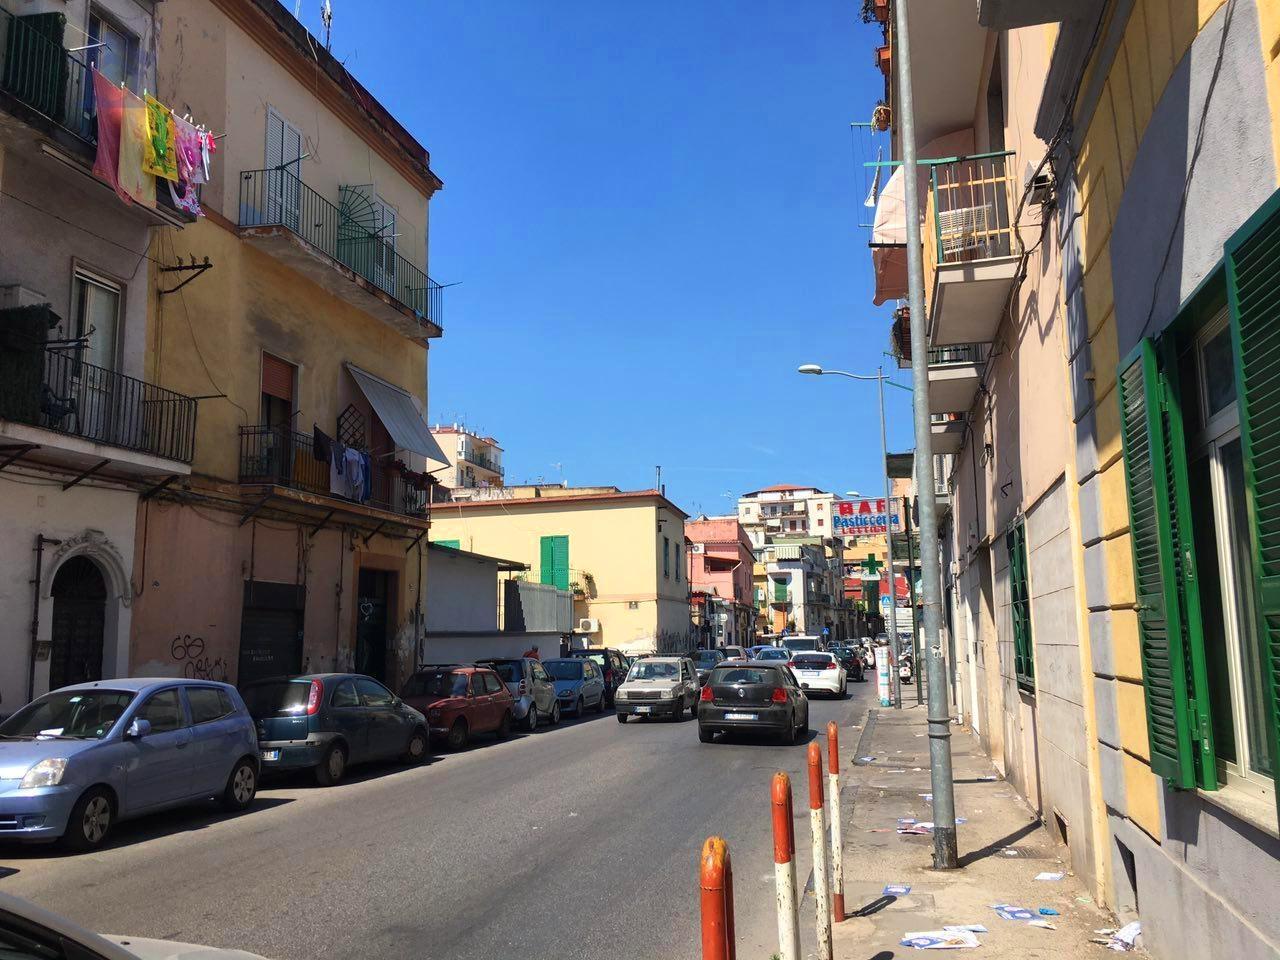 Appartamento in vendita a Torre Annunziata, 3 locali, zona Località: nord, prezzo € 70.000 | CambioCasa.it